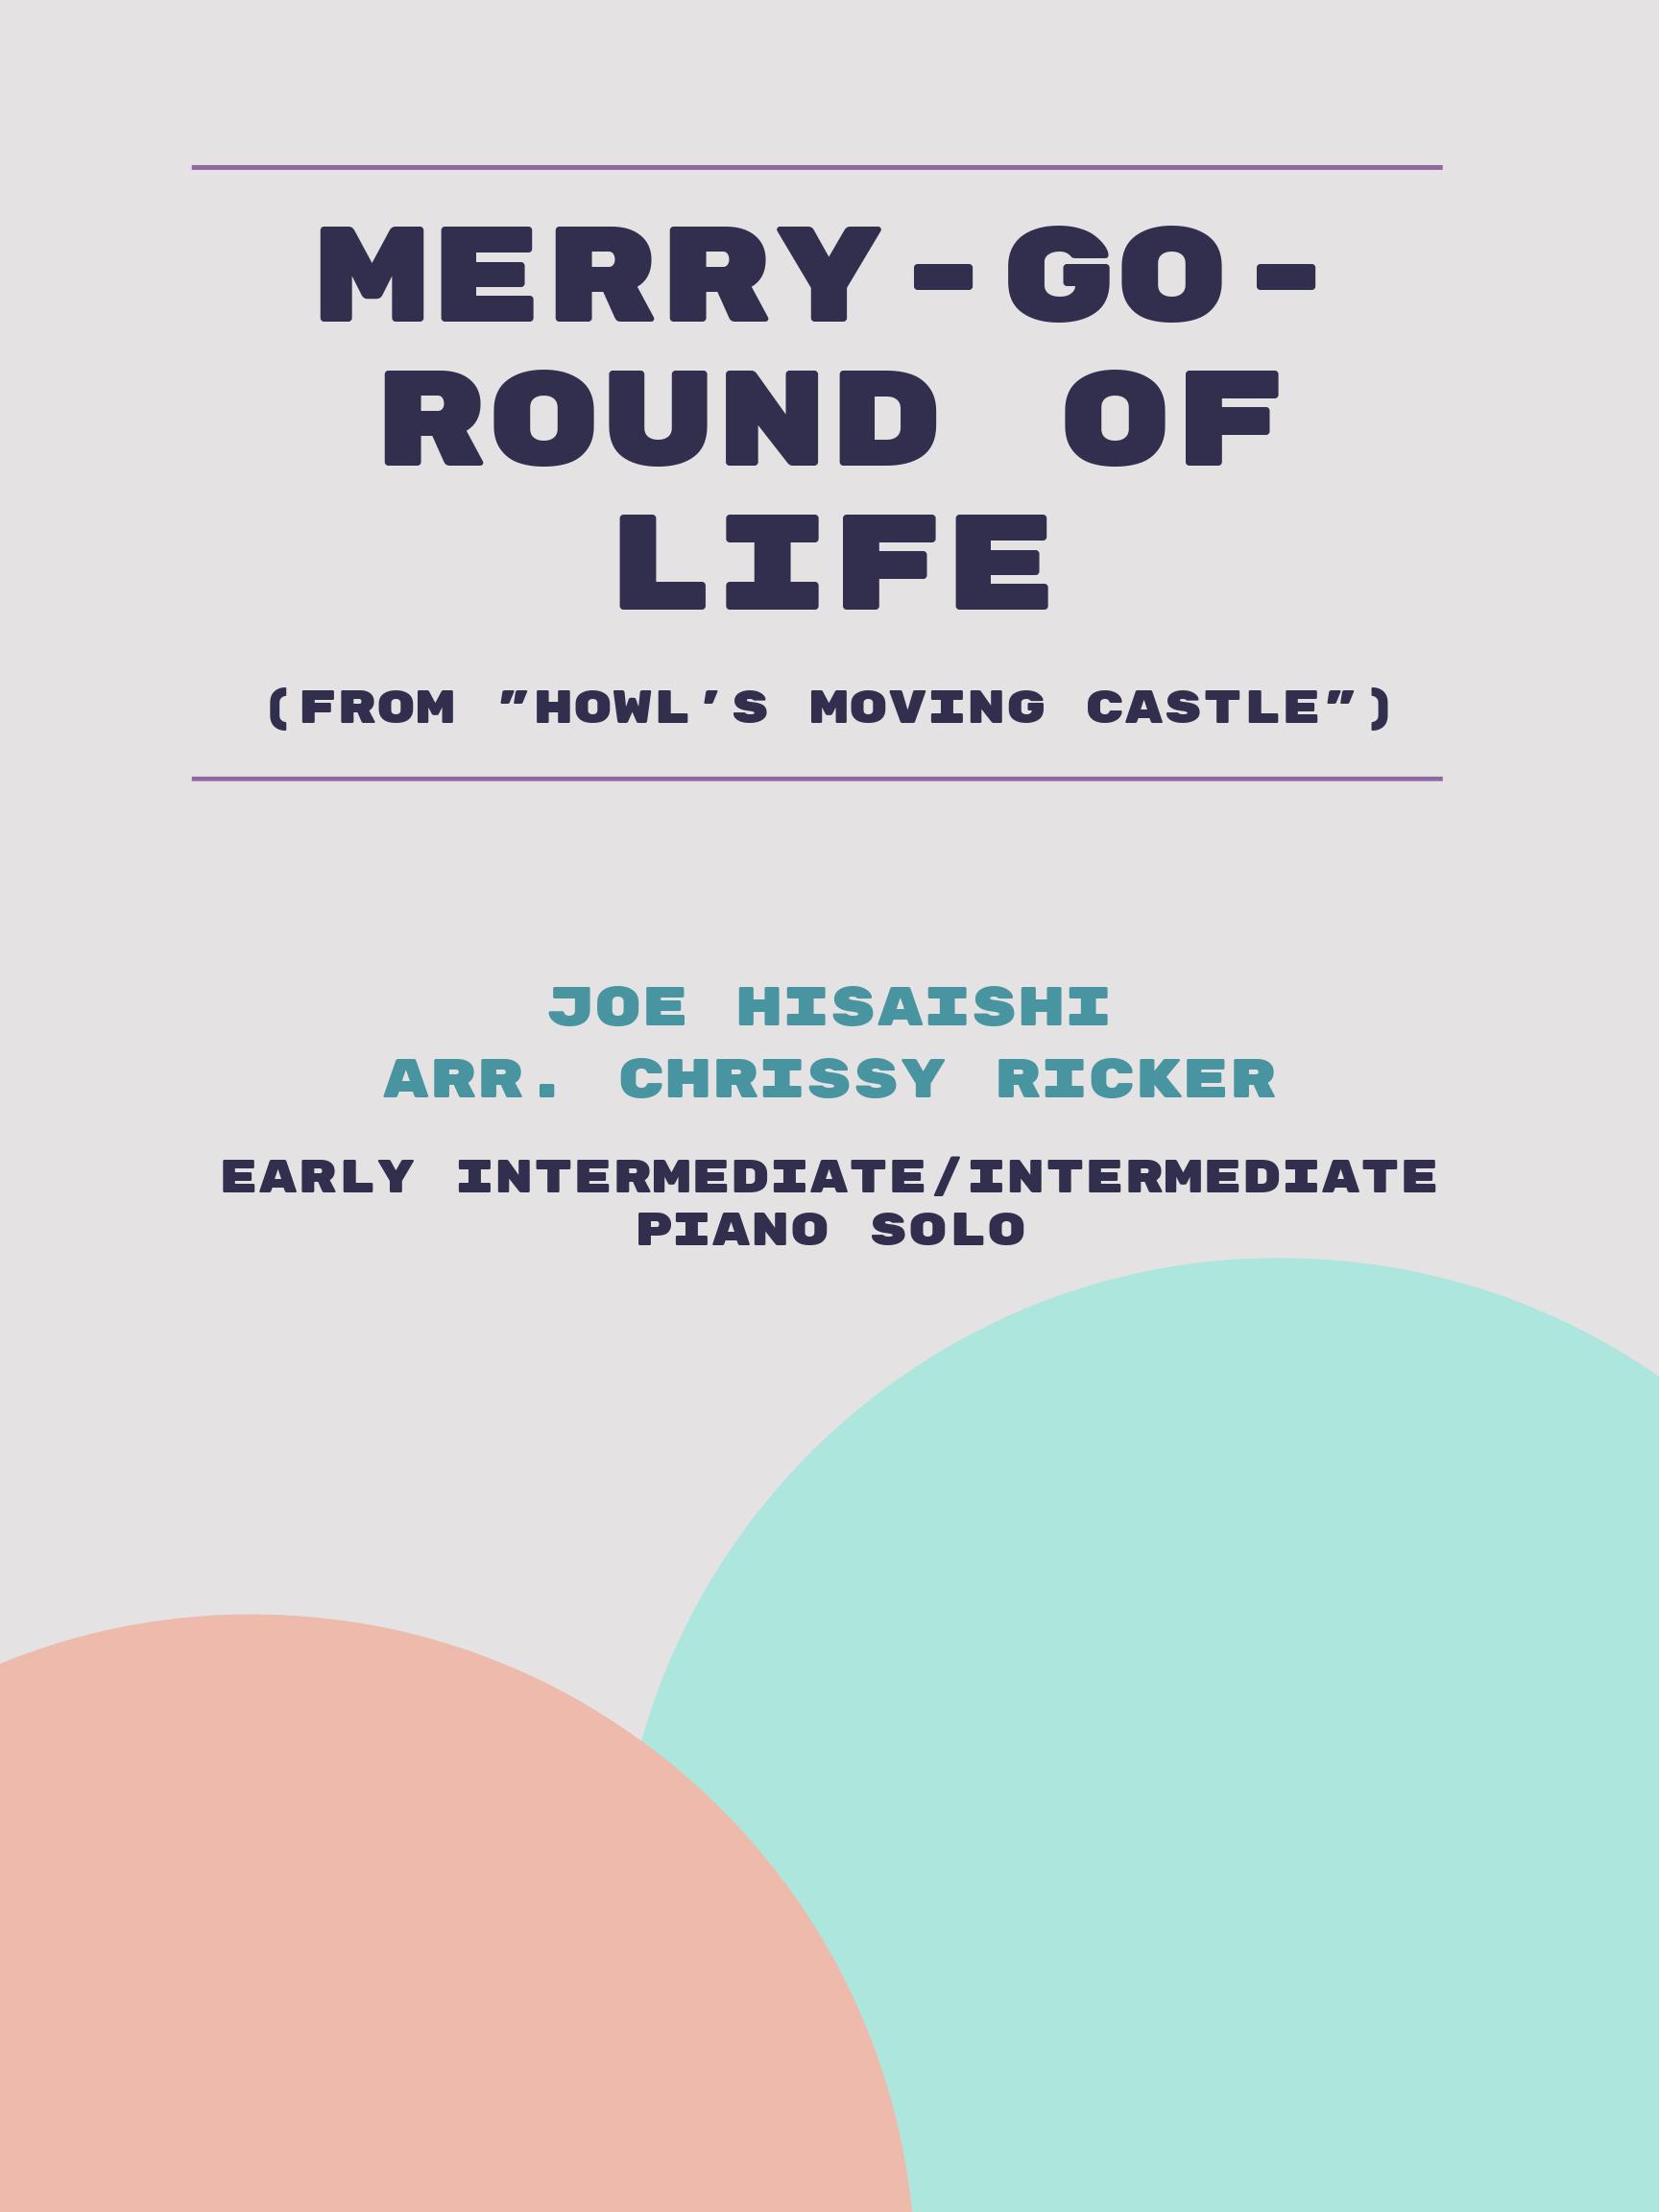 Merry-Go-Round of Life by Joe Hisaishi